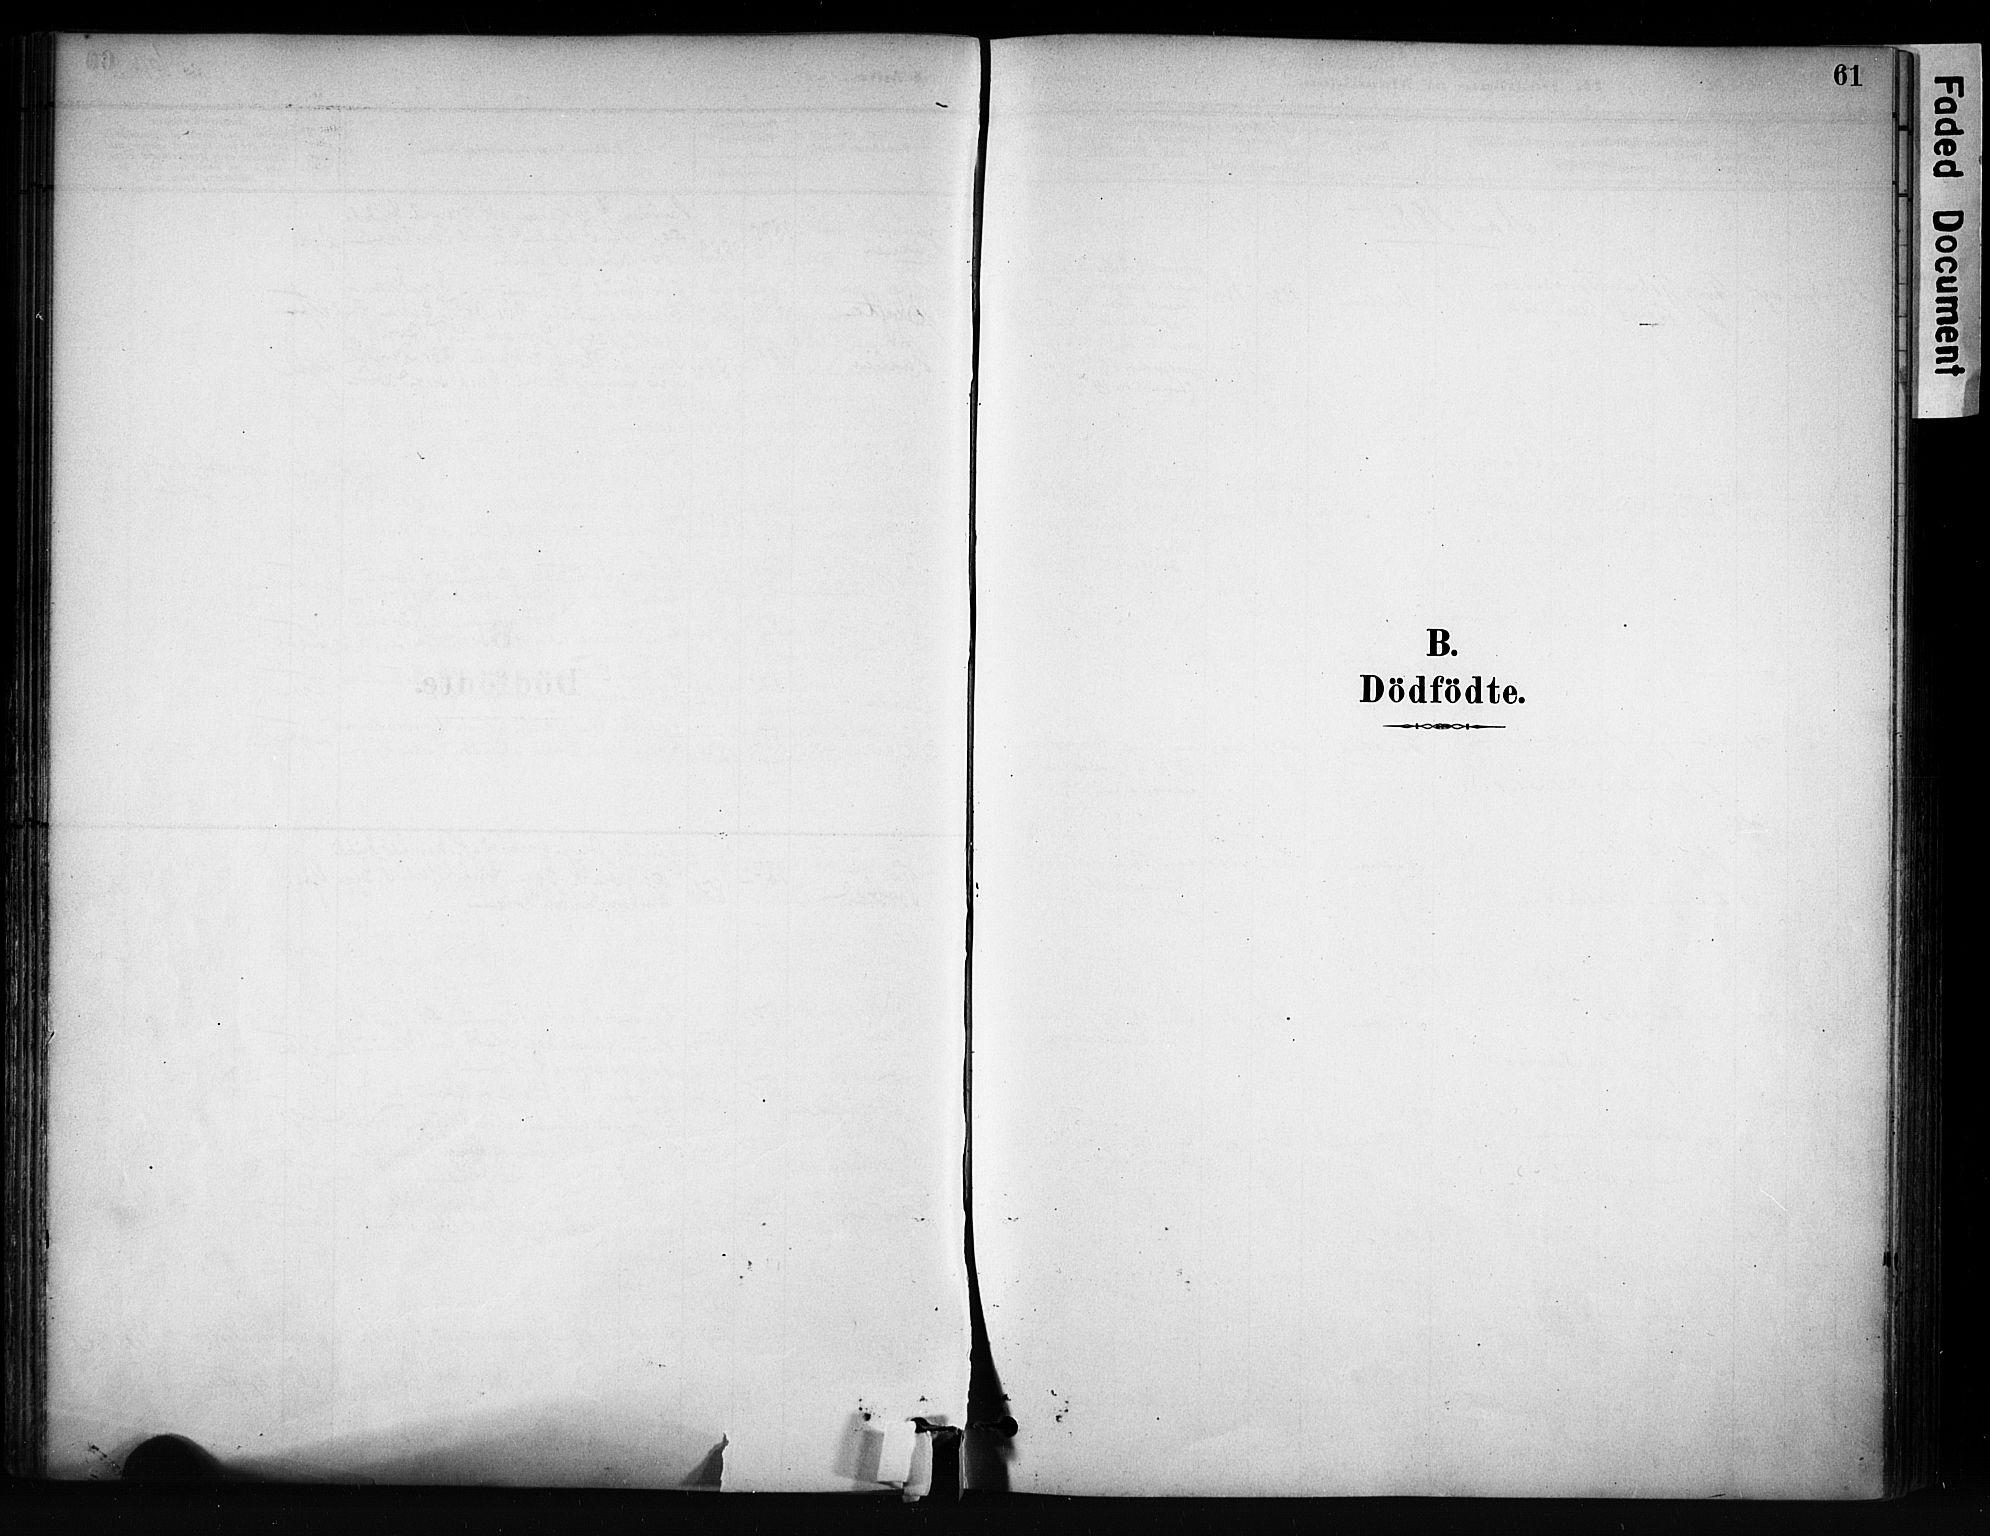 SAH, Vang prestekontor, Valdres, Ministerialbok nr. 9, 1882-1914, s. 61